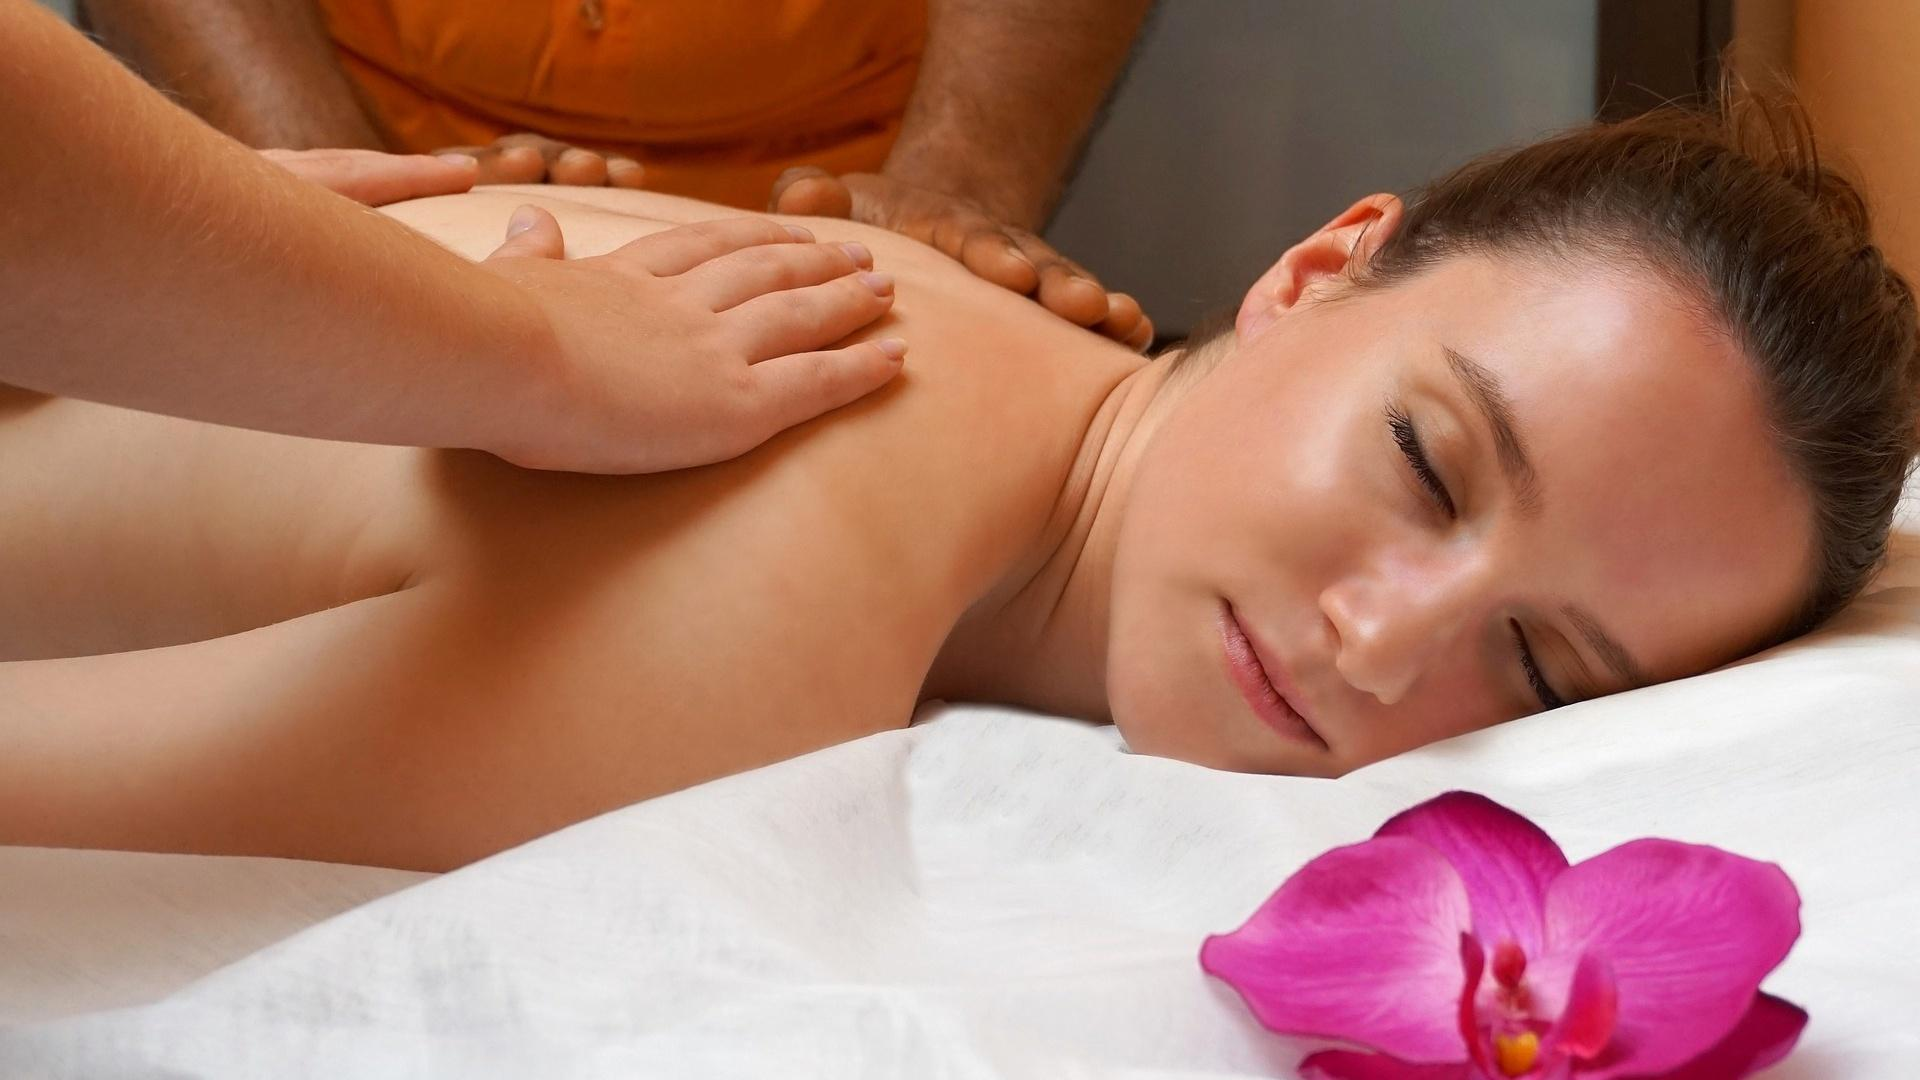 Die vierhändige Tantra-Massage führt für den Empfänger dazu, dass er sich tief fallen lassen kann.